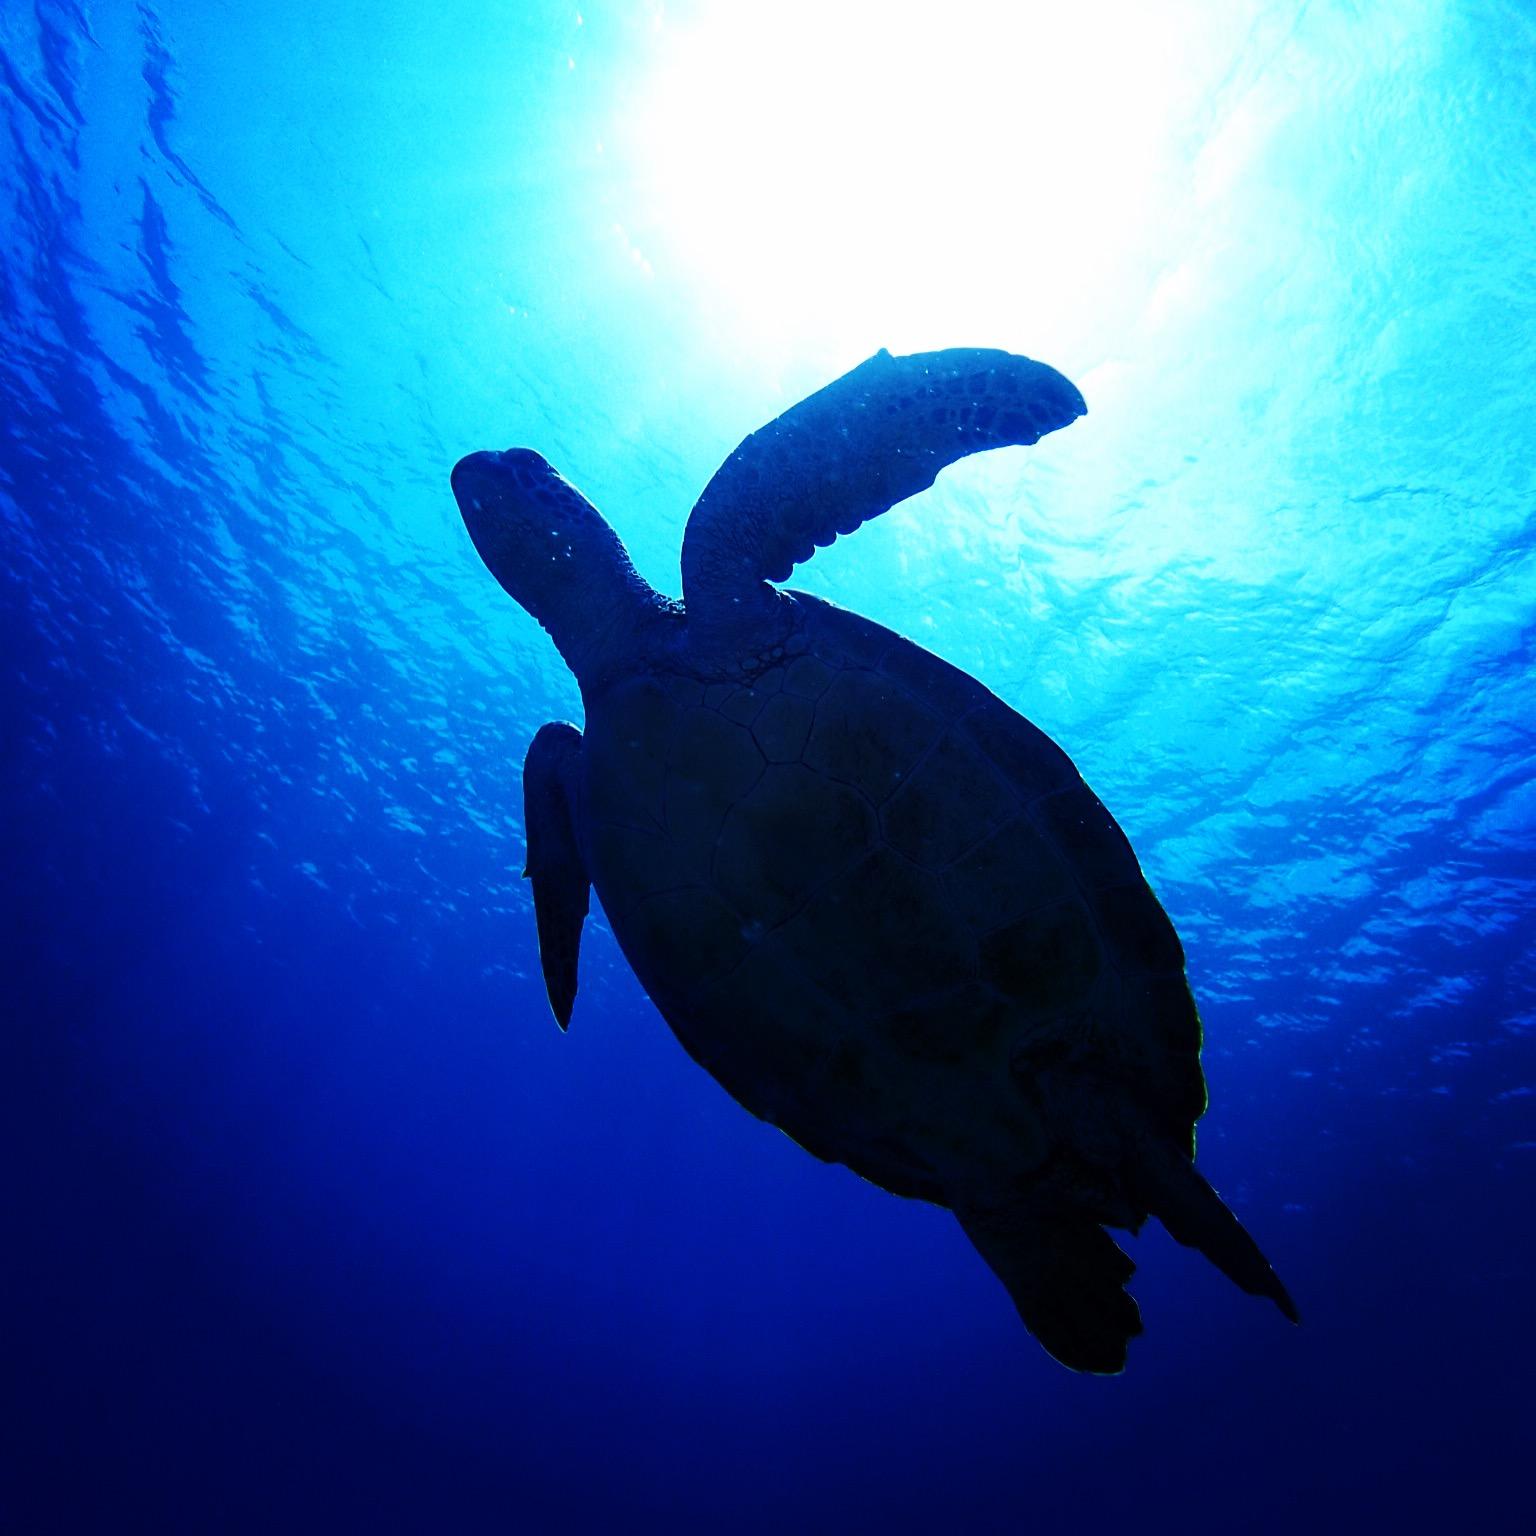 チービシアオウミガメ